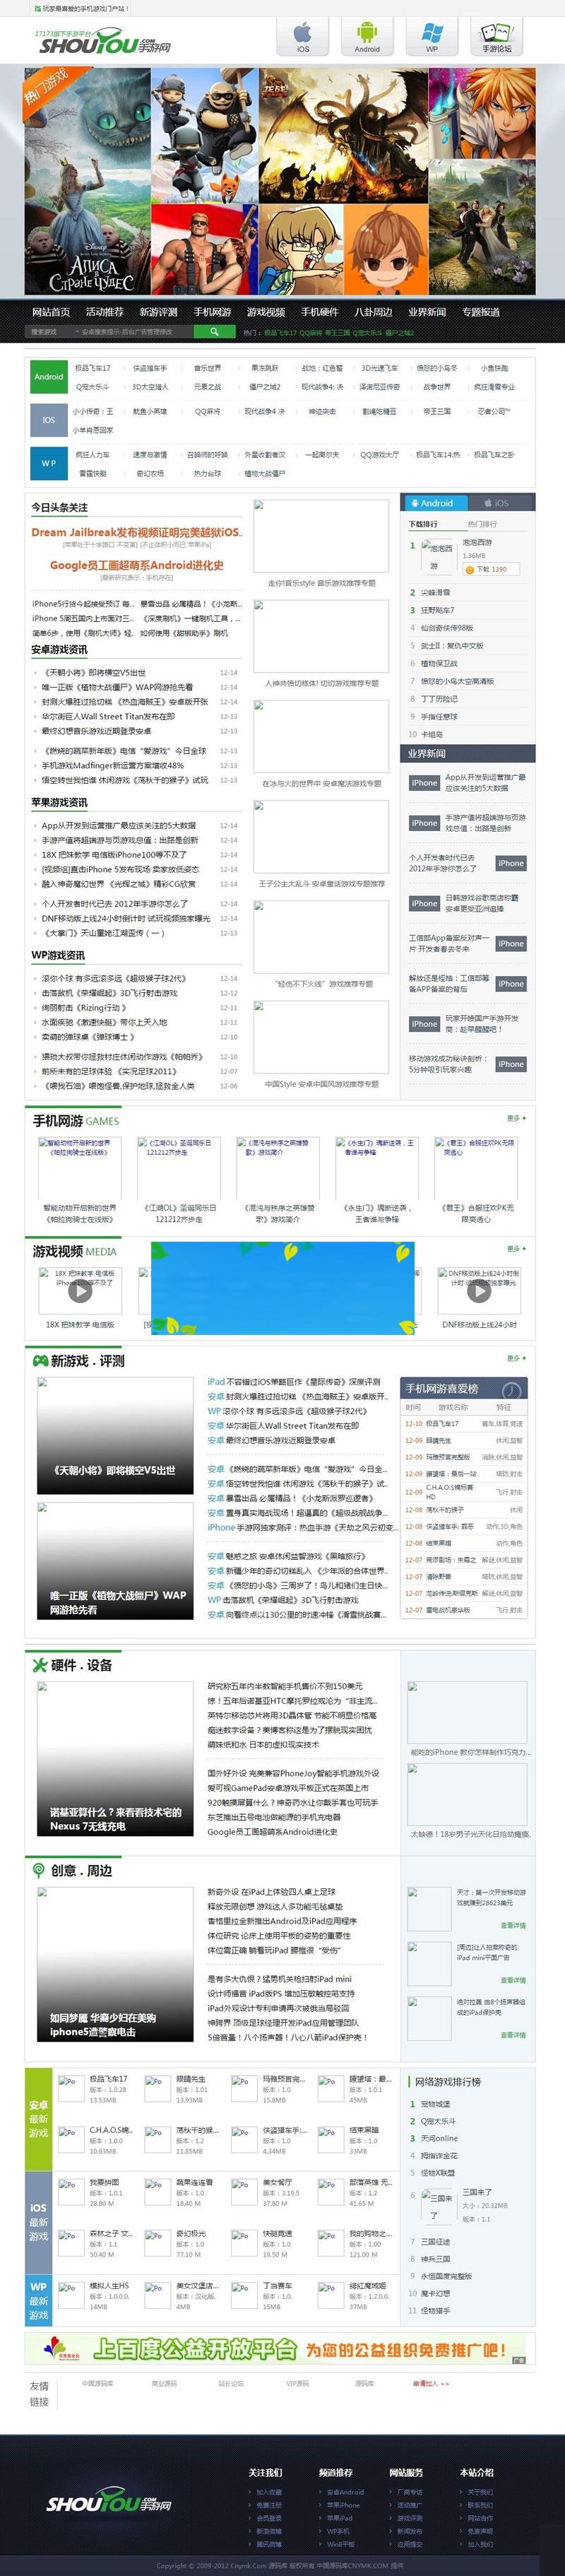 织梦dedecms仿17173旗下手游平台门户网站源码